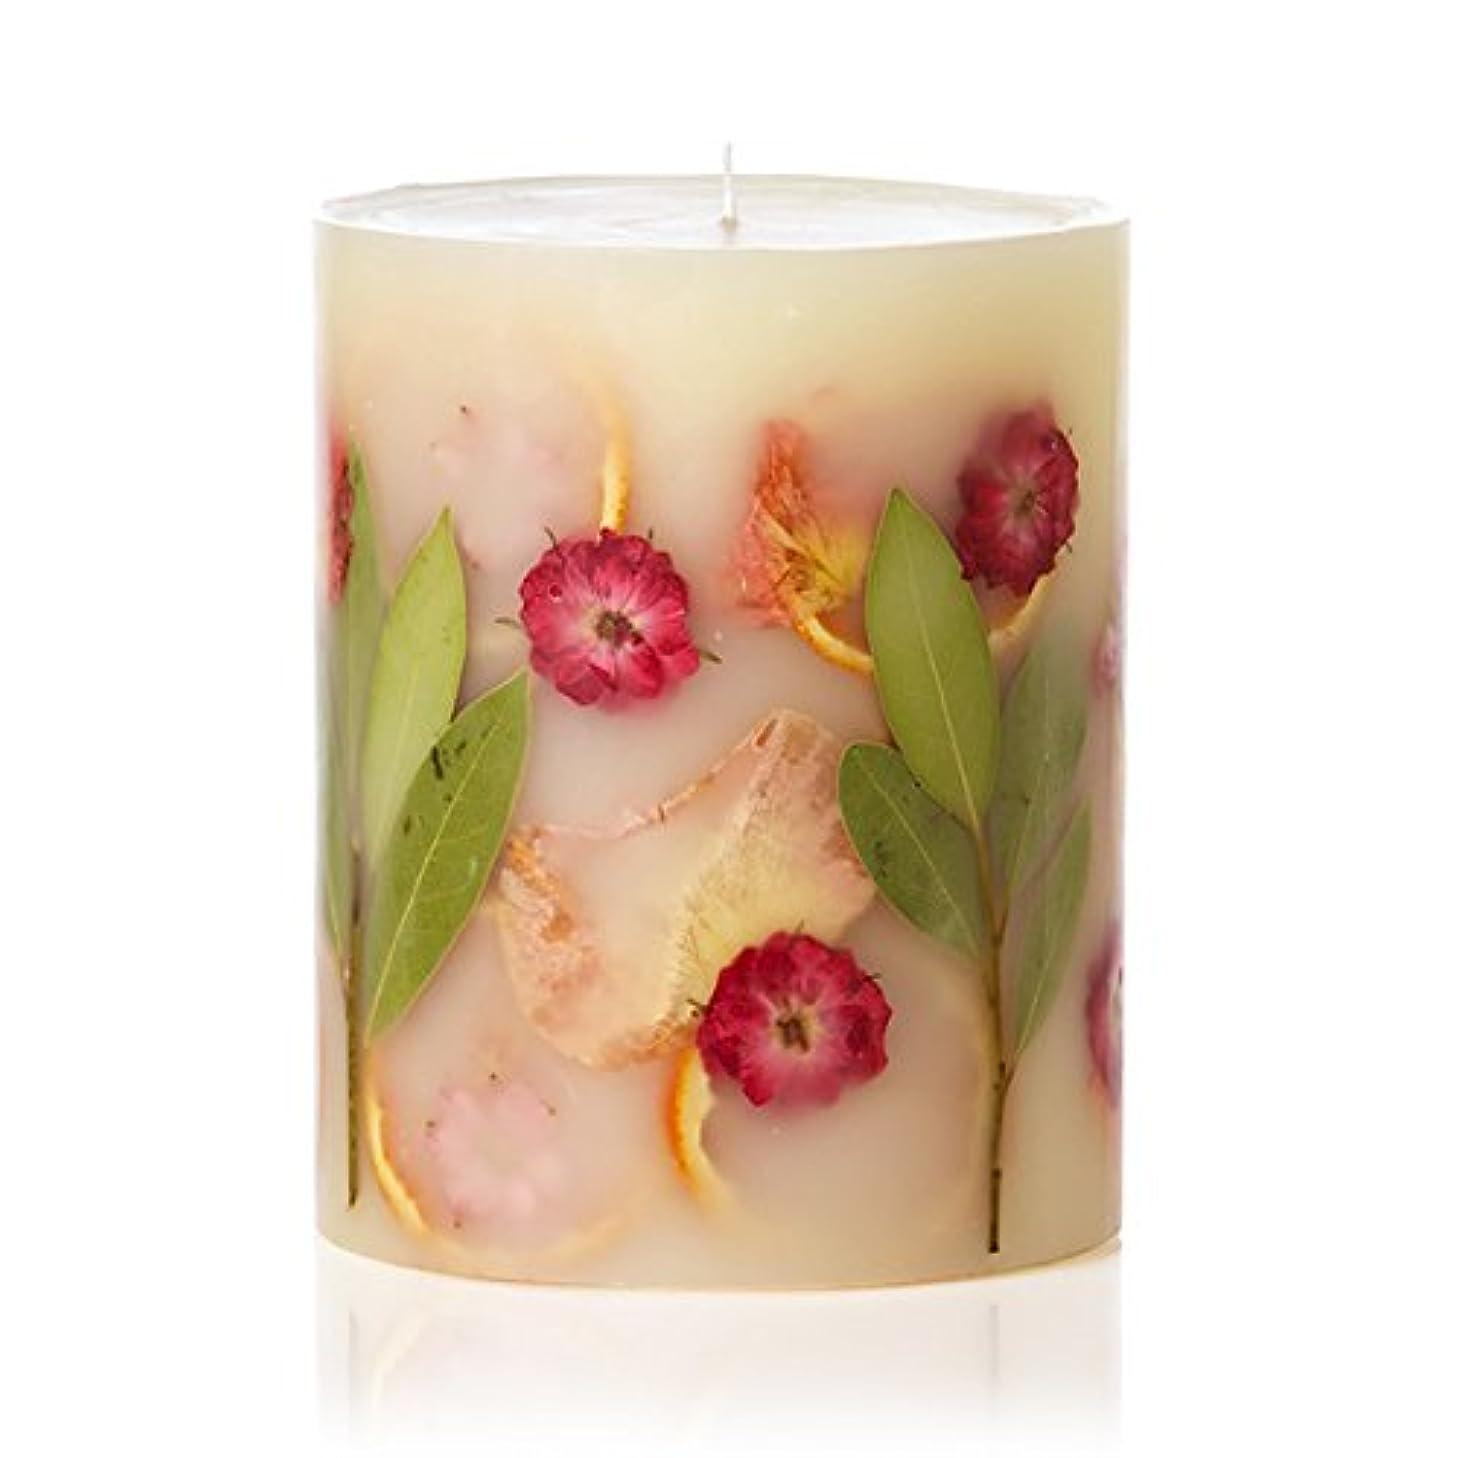 ロージーリングス ボタニカルキャンドル トールラウンド ピオニー&ポメロ ROSY RINGS Round Botanical CandleTall Round Peony & Pomelo